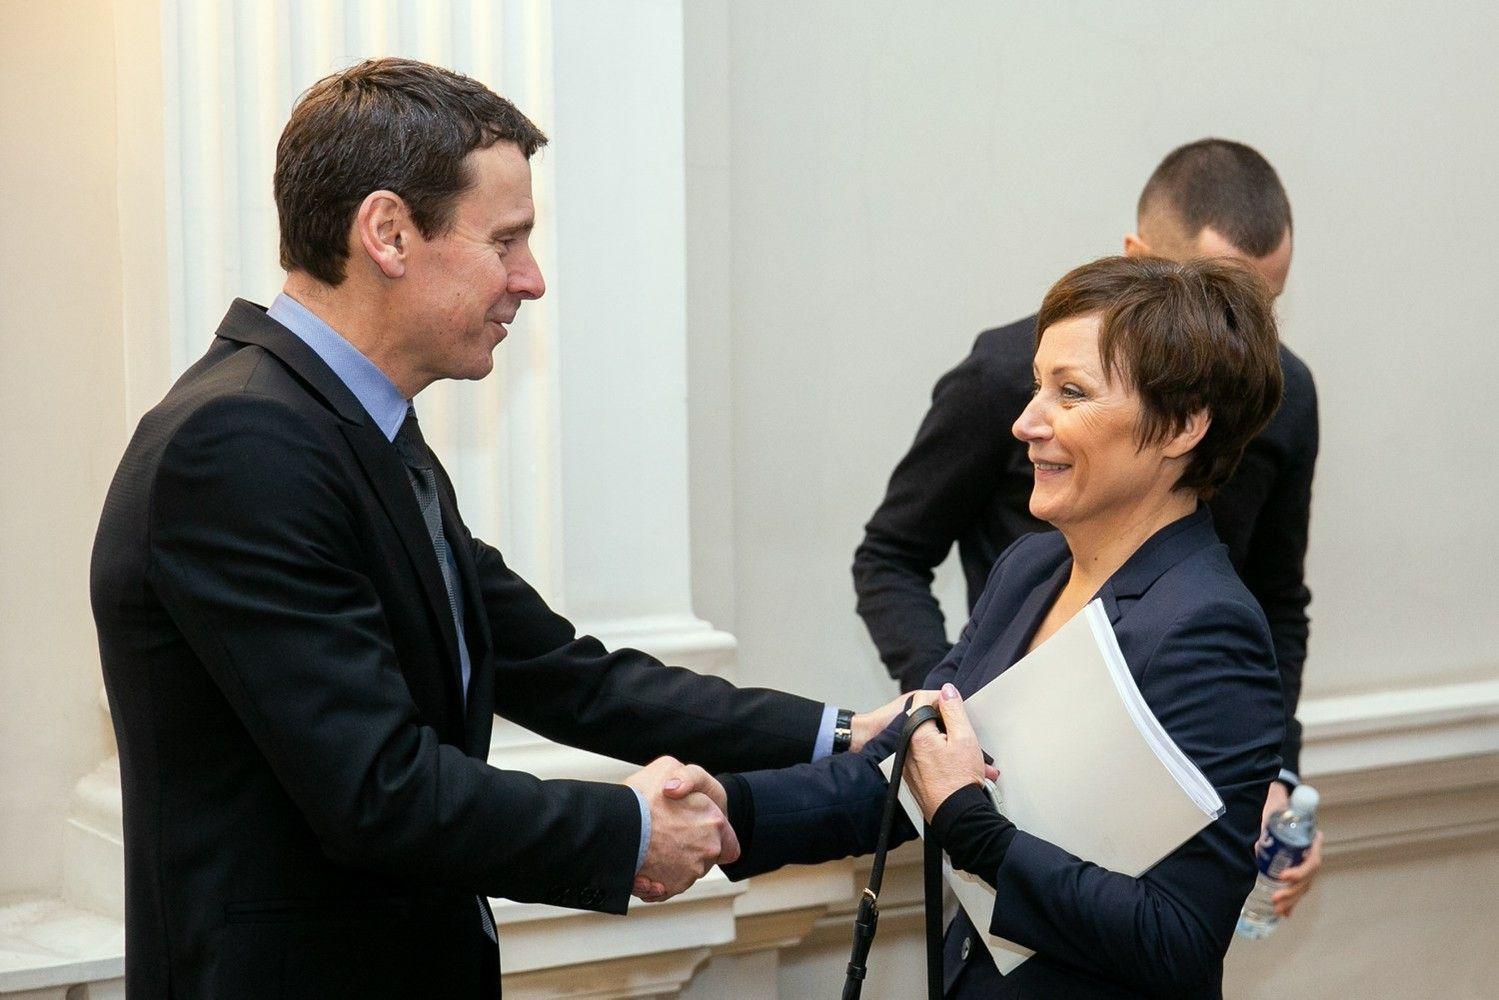 LNK vadovė Z. Sarakienė: susitikimai su V. Gapšiu vyko kaip su kitais politikais